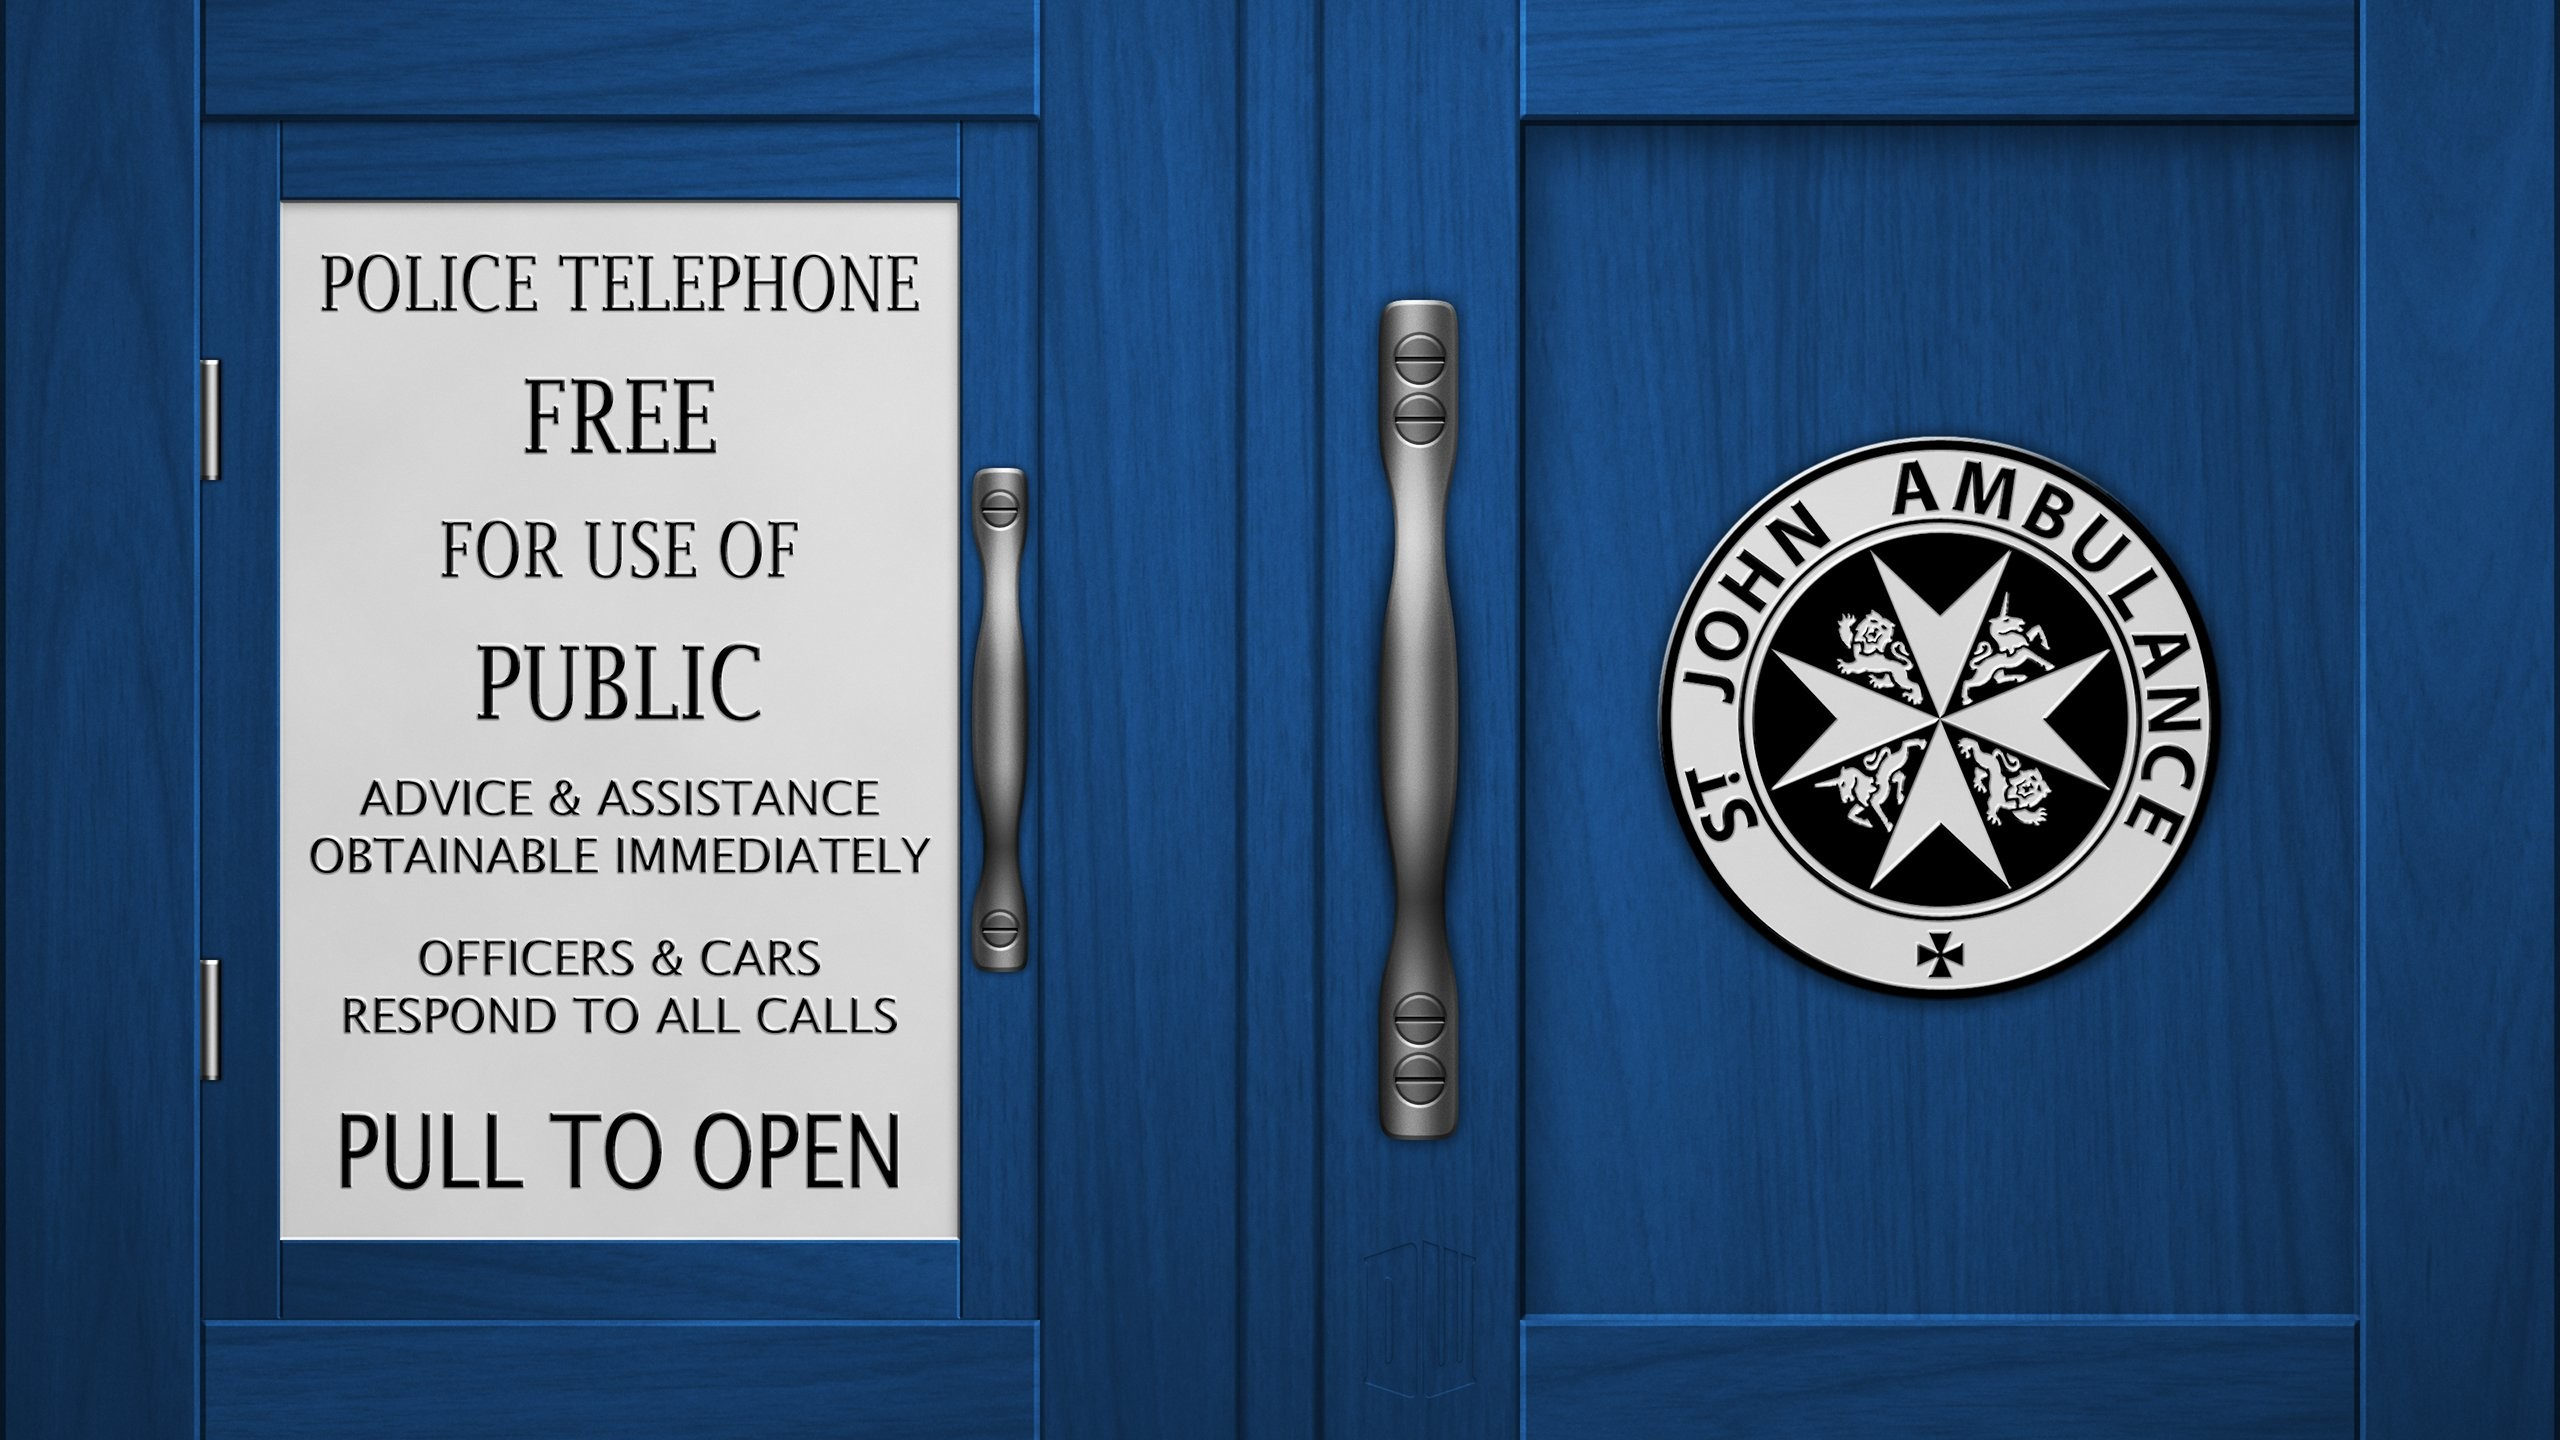 TARDIS Door Doctor Who wallpaper 397834